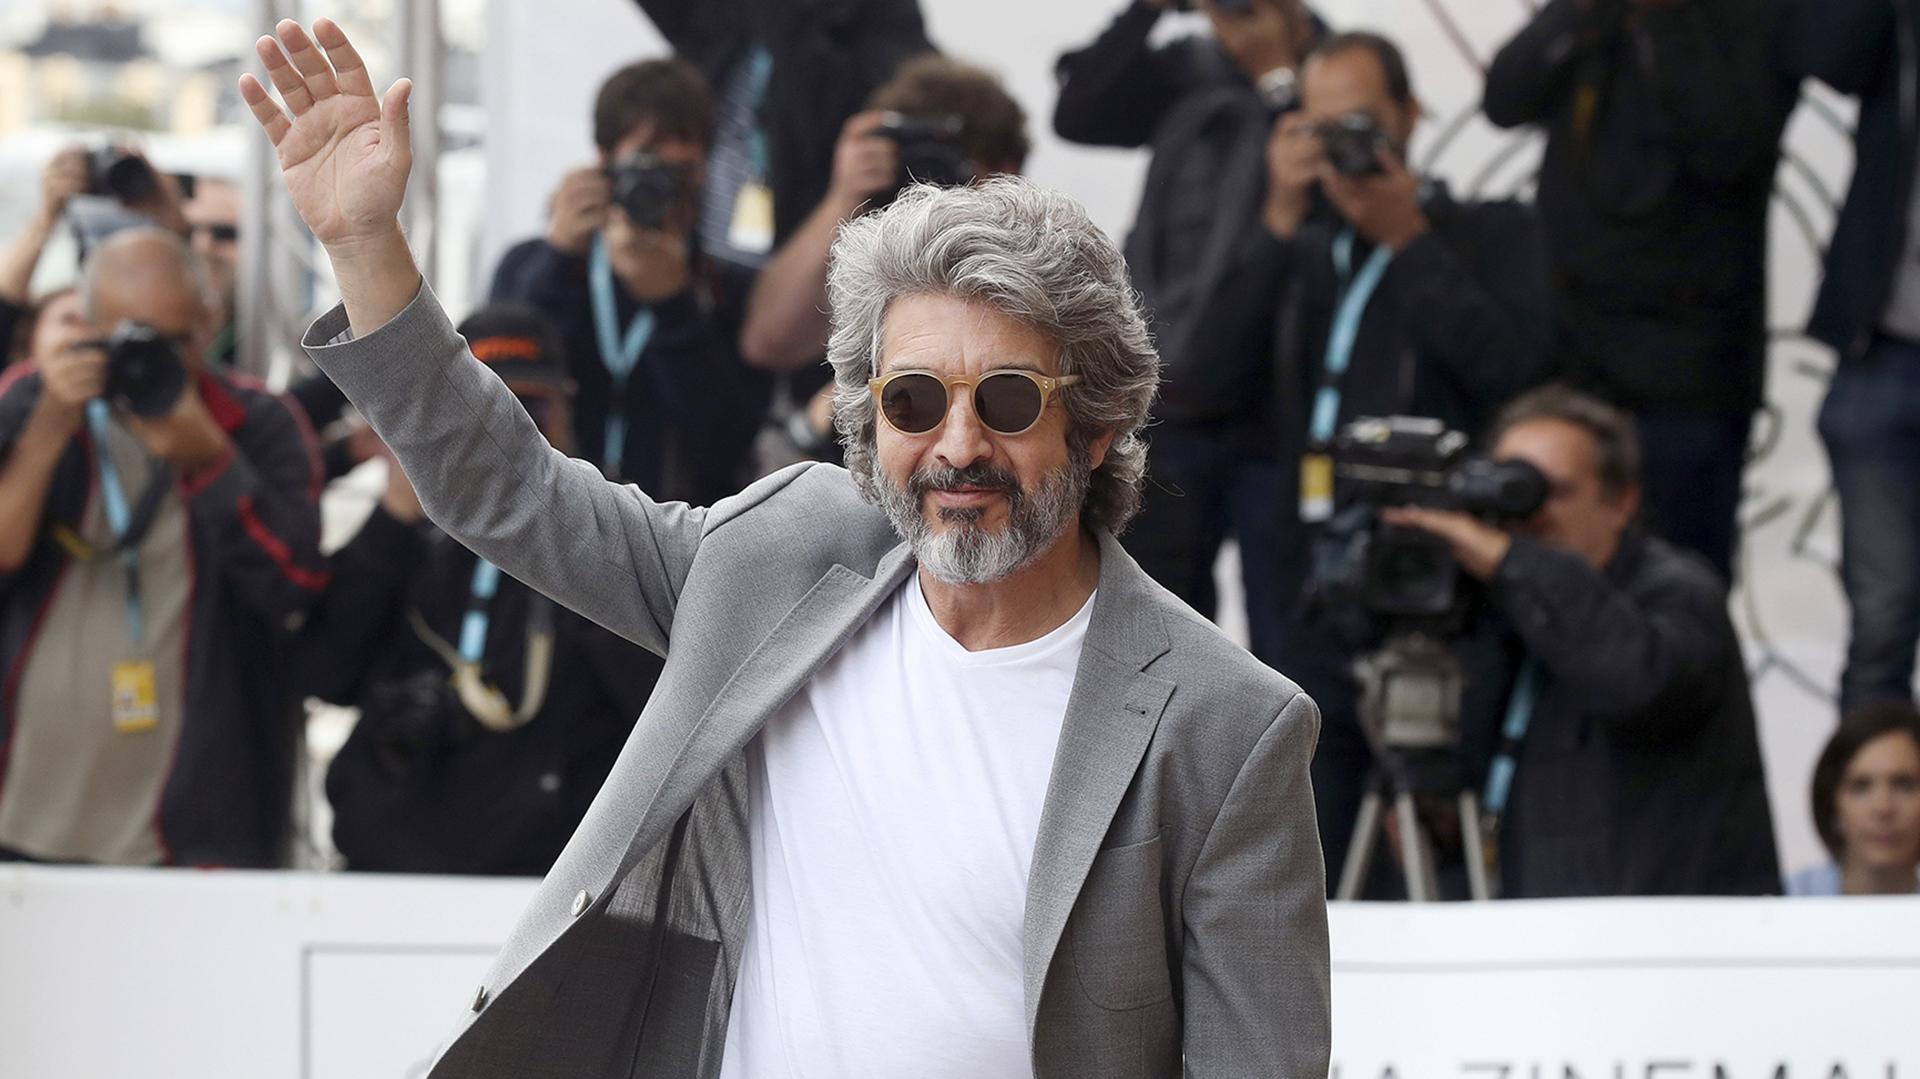 El actor español mostró su admiración por Ricardo Darín (Crédito de Foto: EFE/Javier Etxezarreta)